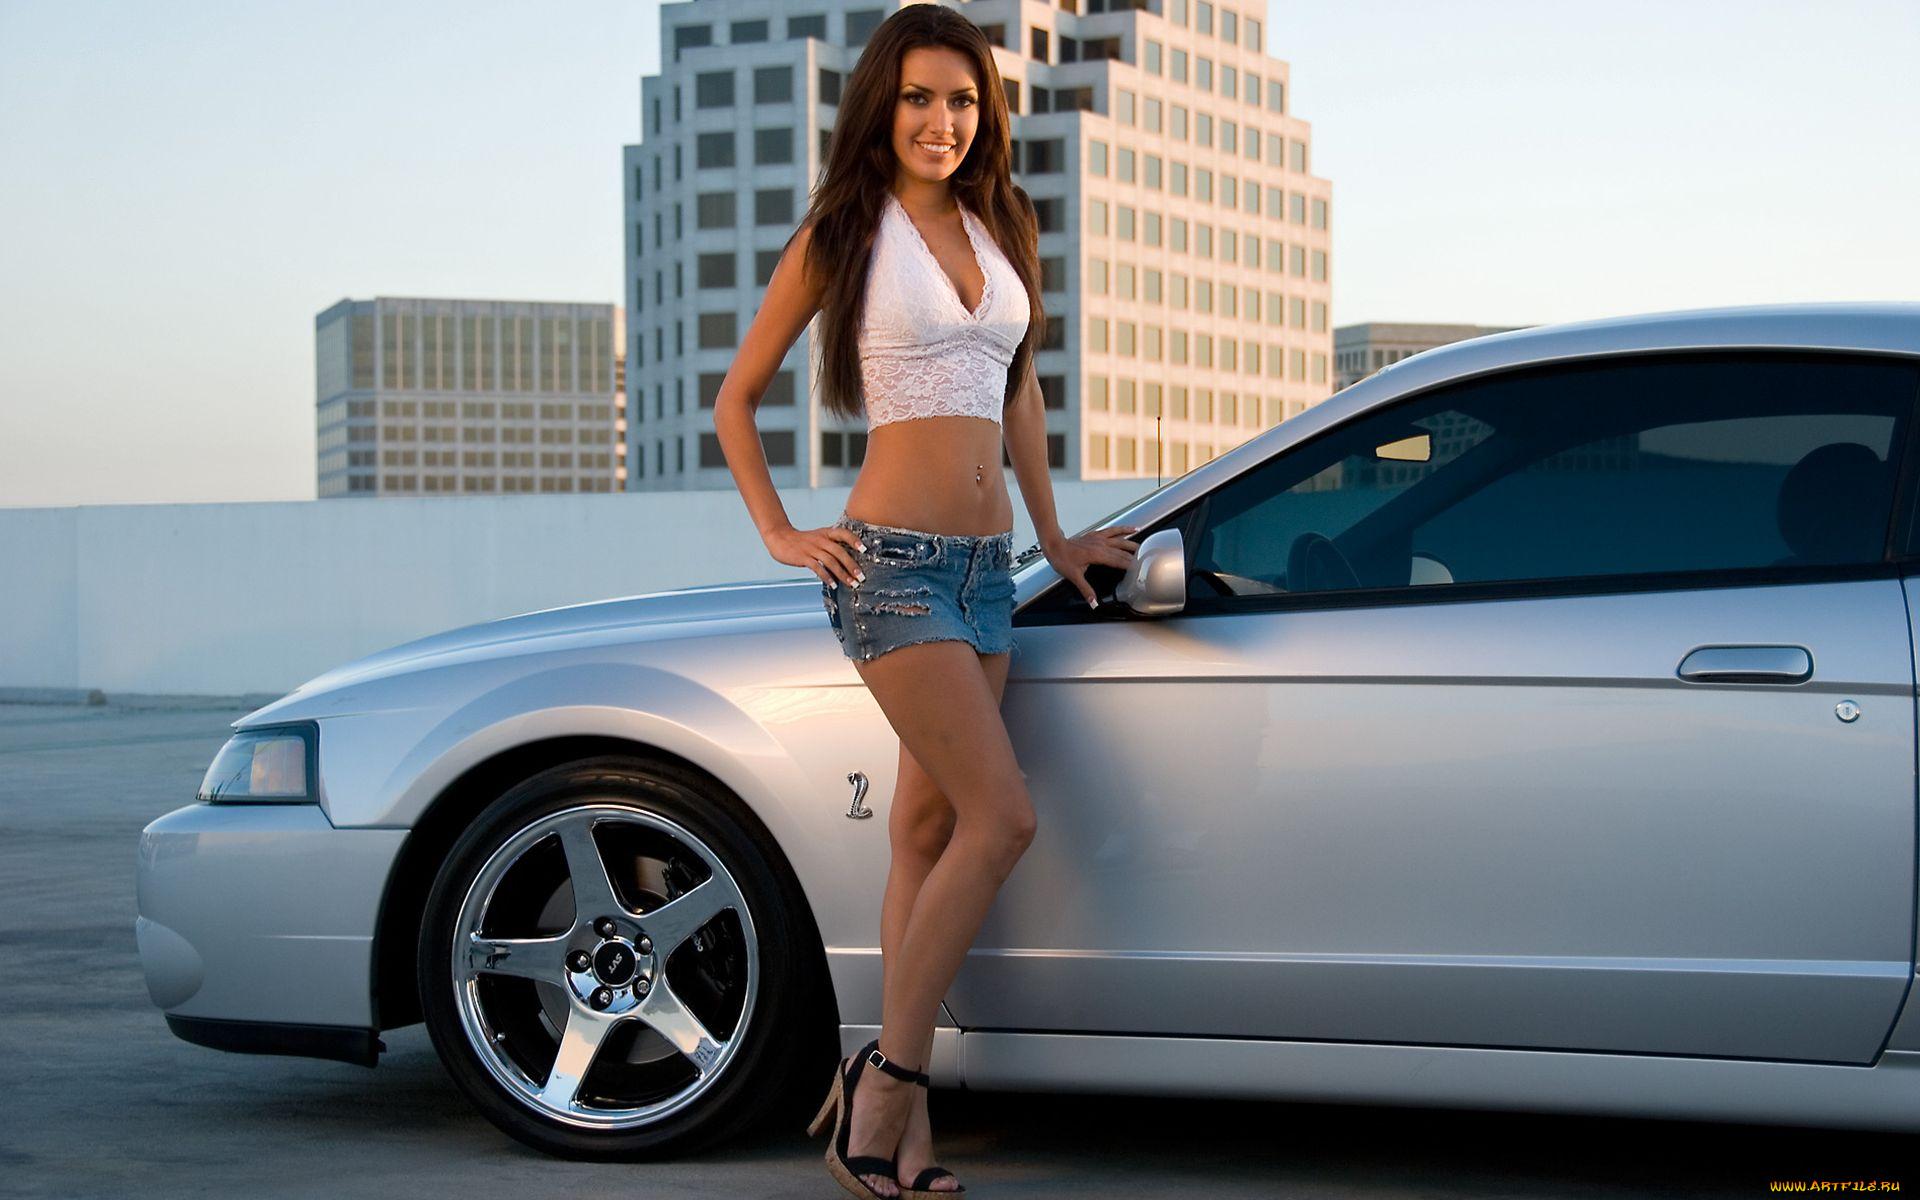 Красивая девушка позирует около русских автомобилей — img 14